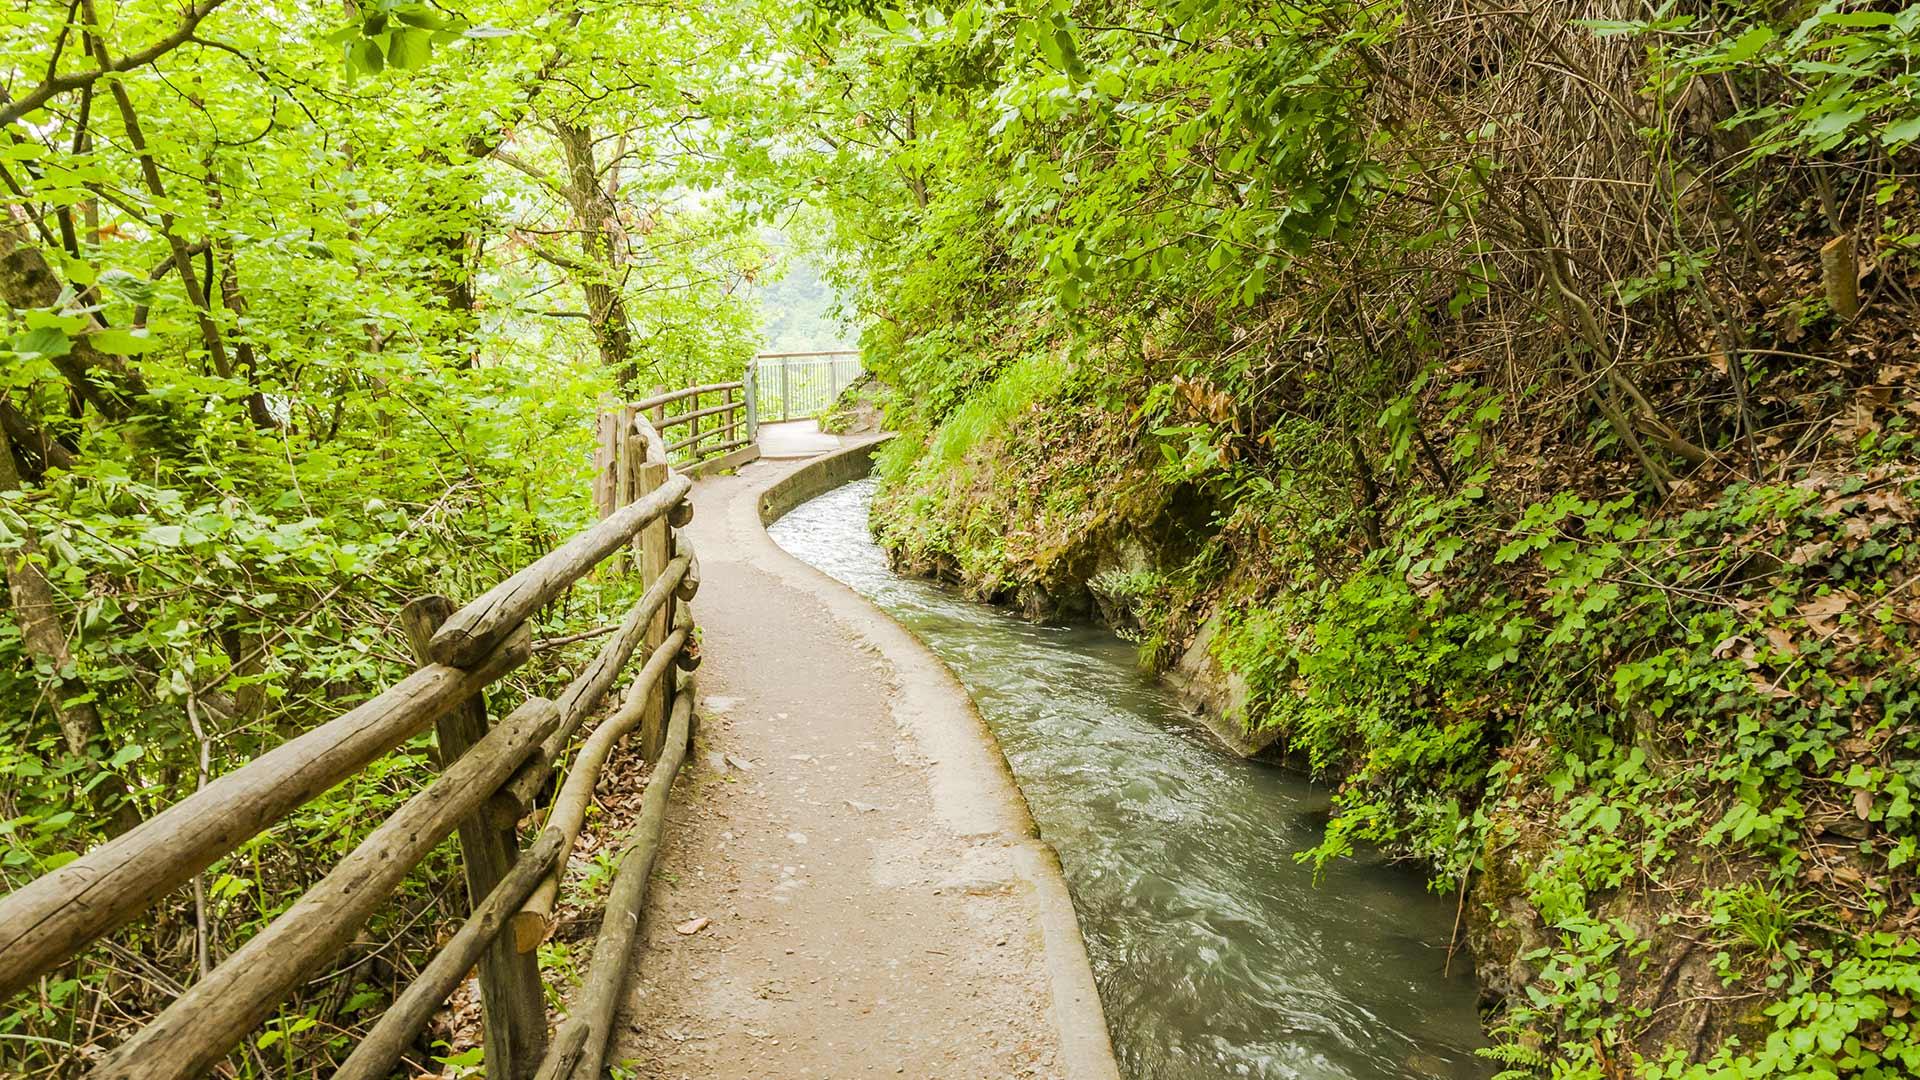 La roggia più lunga dell'Alto Adige - Sentiero della Roggia di Marlengo